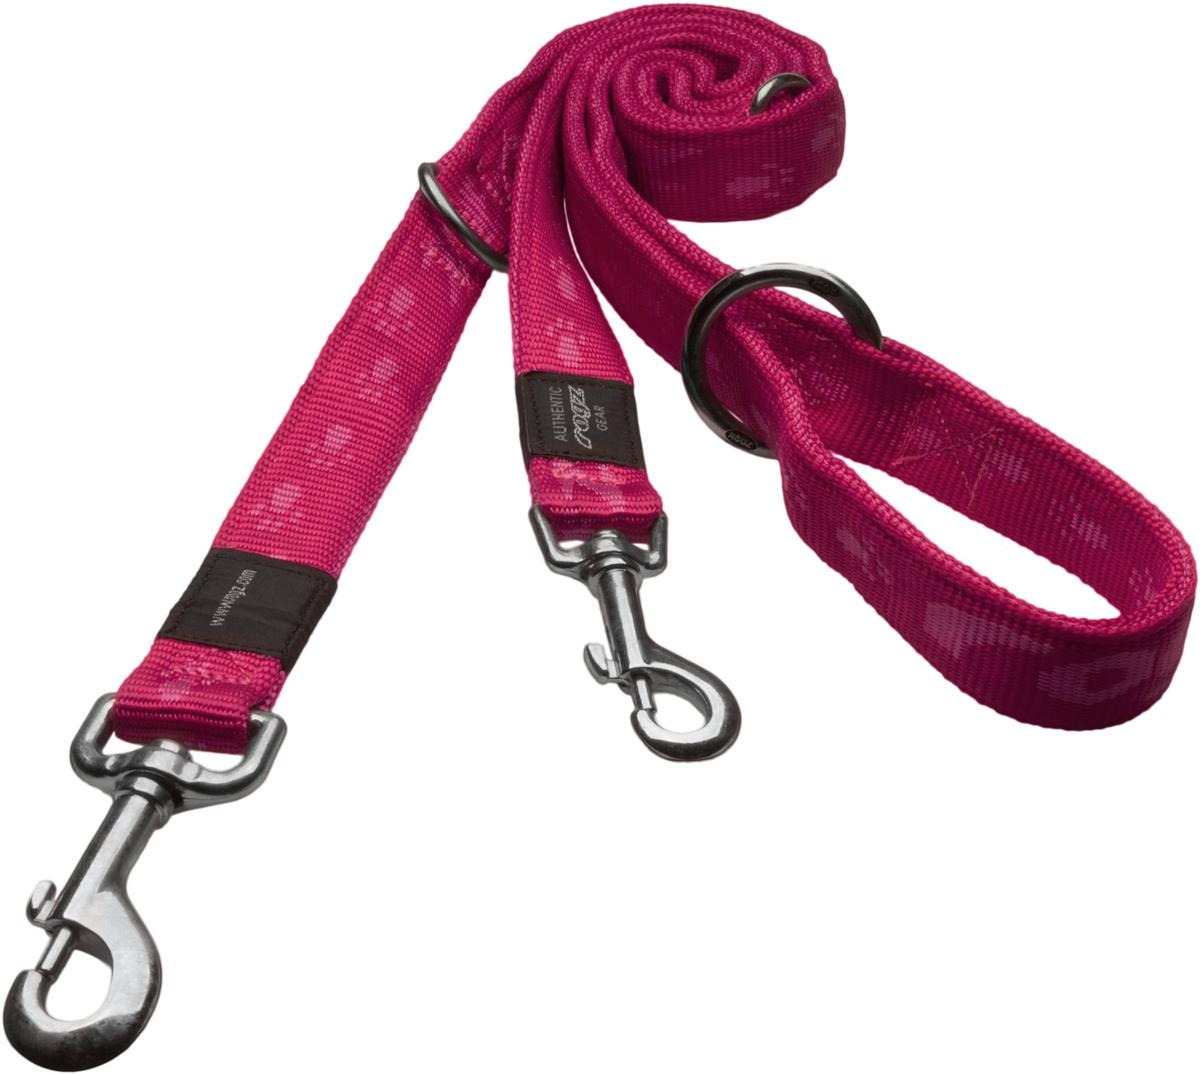 Поводок-перестежка для собак Rogz Alpinist, цвет: розовый, ширина 2 см. Размер LHLM25KОсобо мягкий, но очень прочный поводок Rogz Alpinist обеспечит безопасность на прогулке даже самым активным собакам.Все соединения деталей имеют специальную дополнительную строчку для большей прочности.Выполненные специально по заказу Rogz литые кольца гальванически хромированы, что позволяет избежать коррозии и потускнения изделия.Многофункциональный поводок-перестежку можно использовать как: поводок для двух собак; короткий, средний или удлиненный поводок (1м, 1.3м, 1.6м); поводок через плечо; временную привязь.